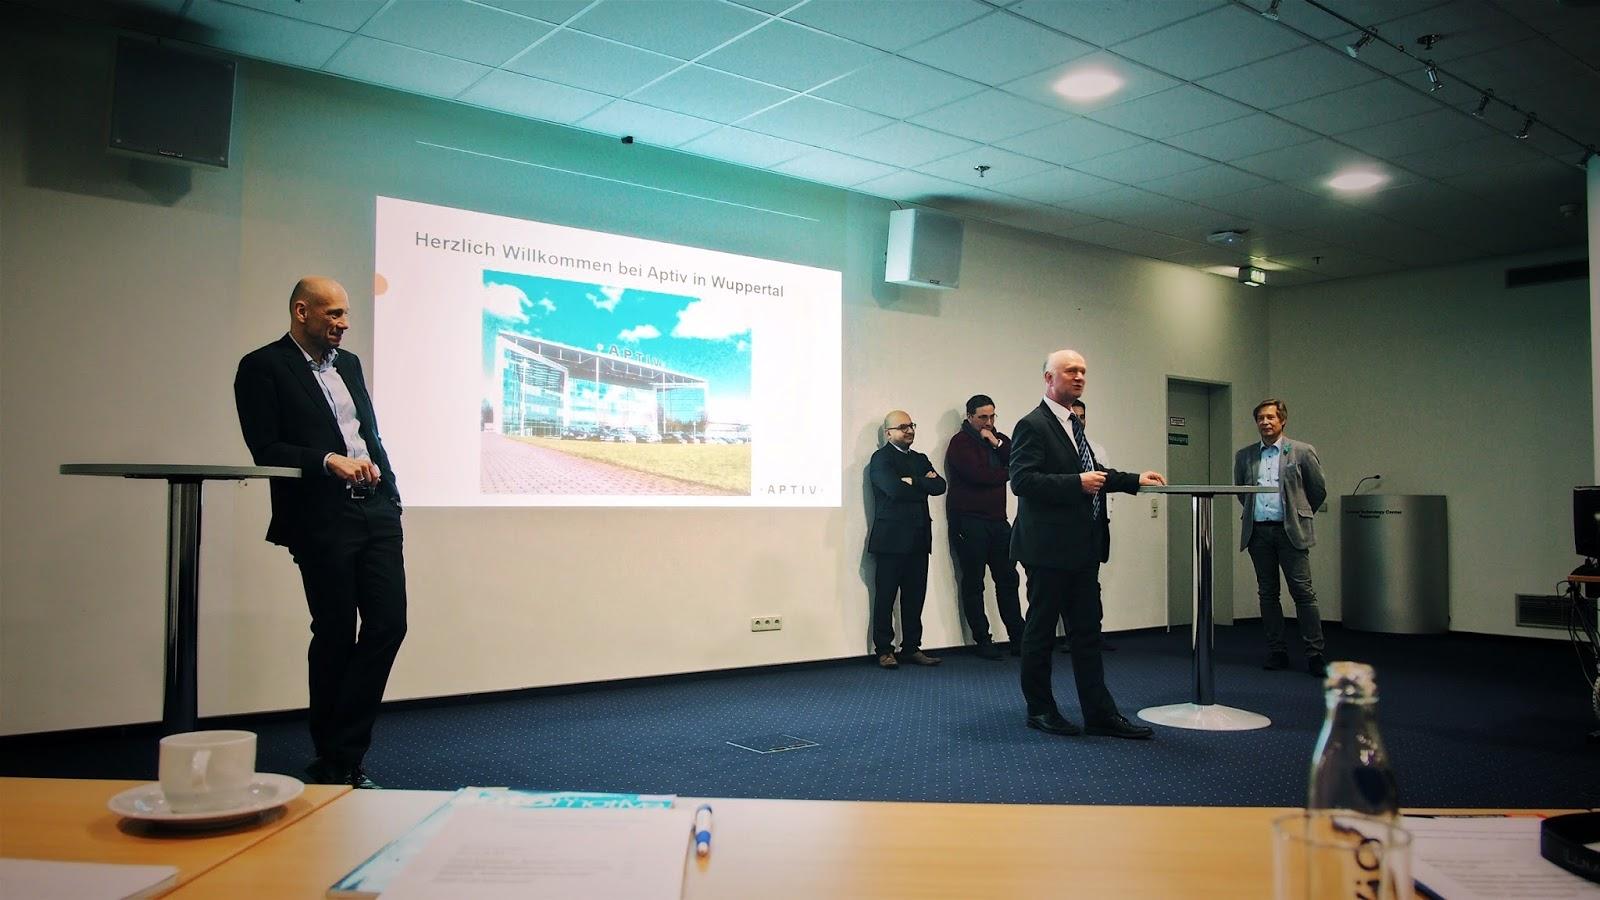 Wuppertal spielt eine große Rolle in der Zukunft des autonomen Fahrens | Atomlabor on Tour